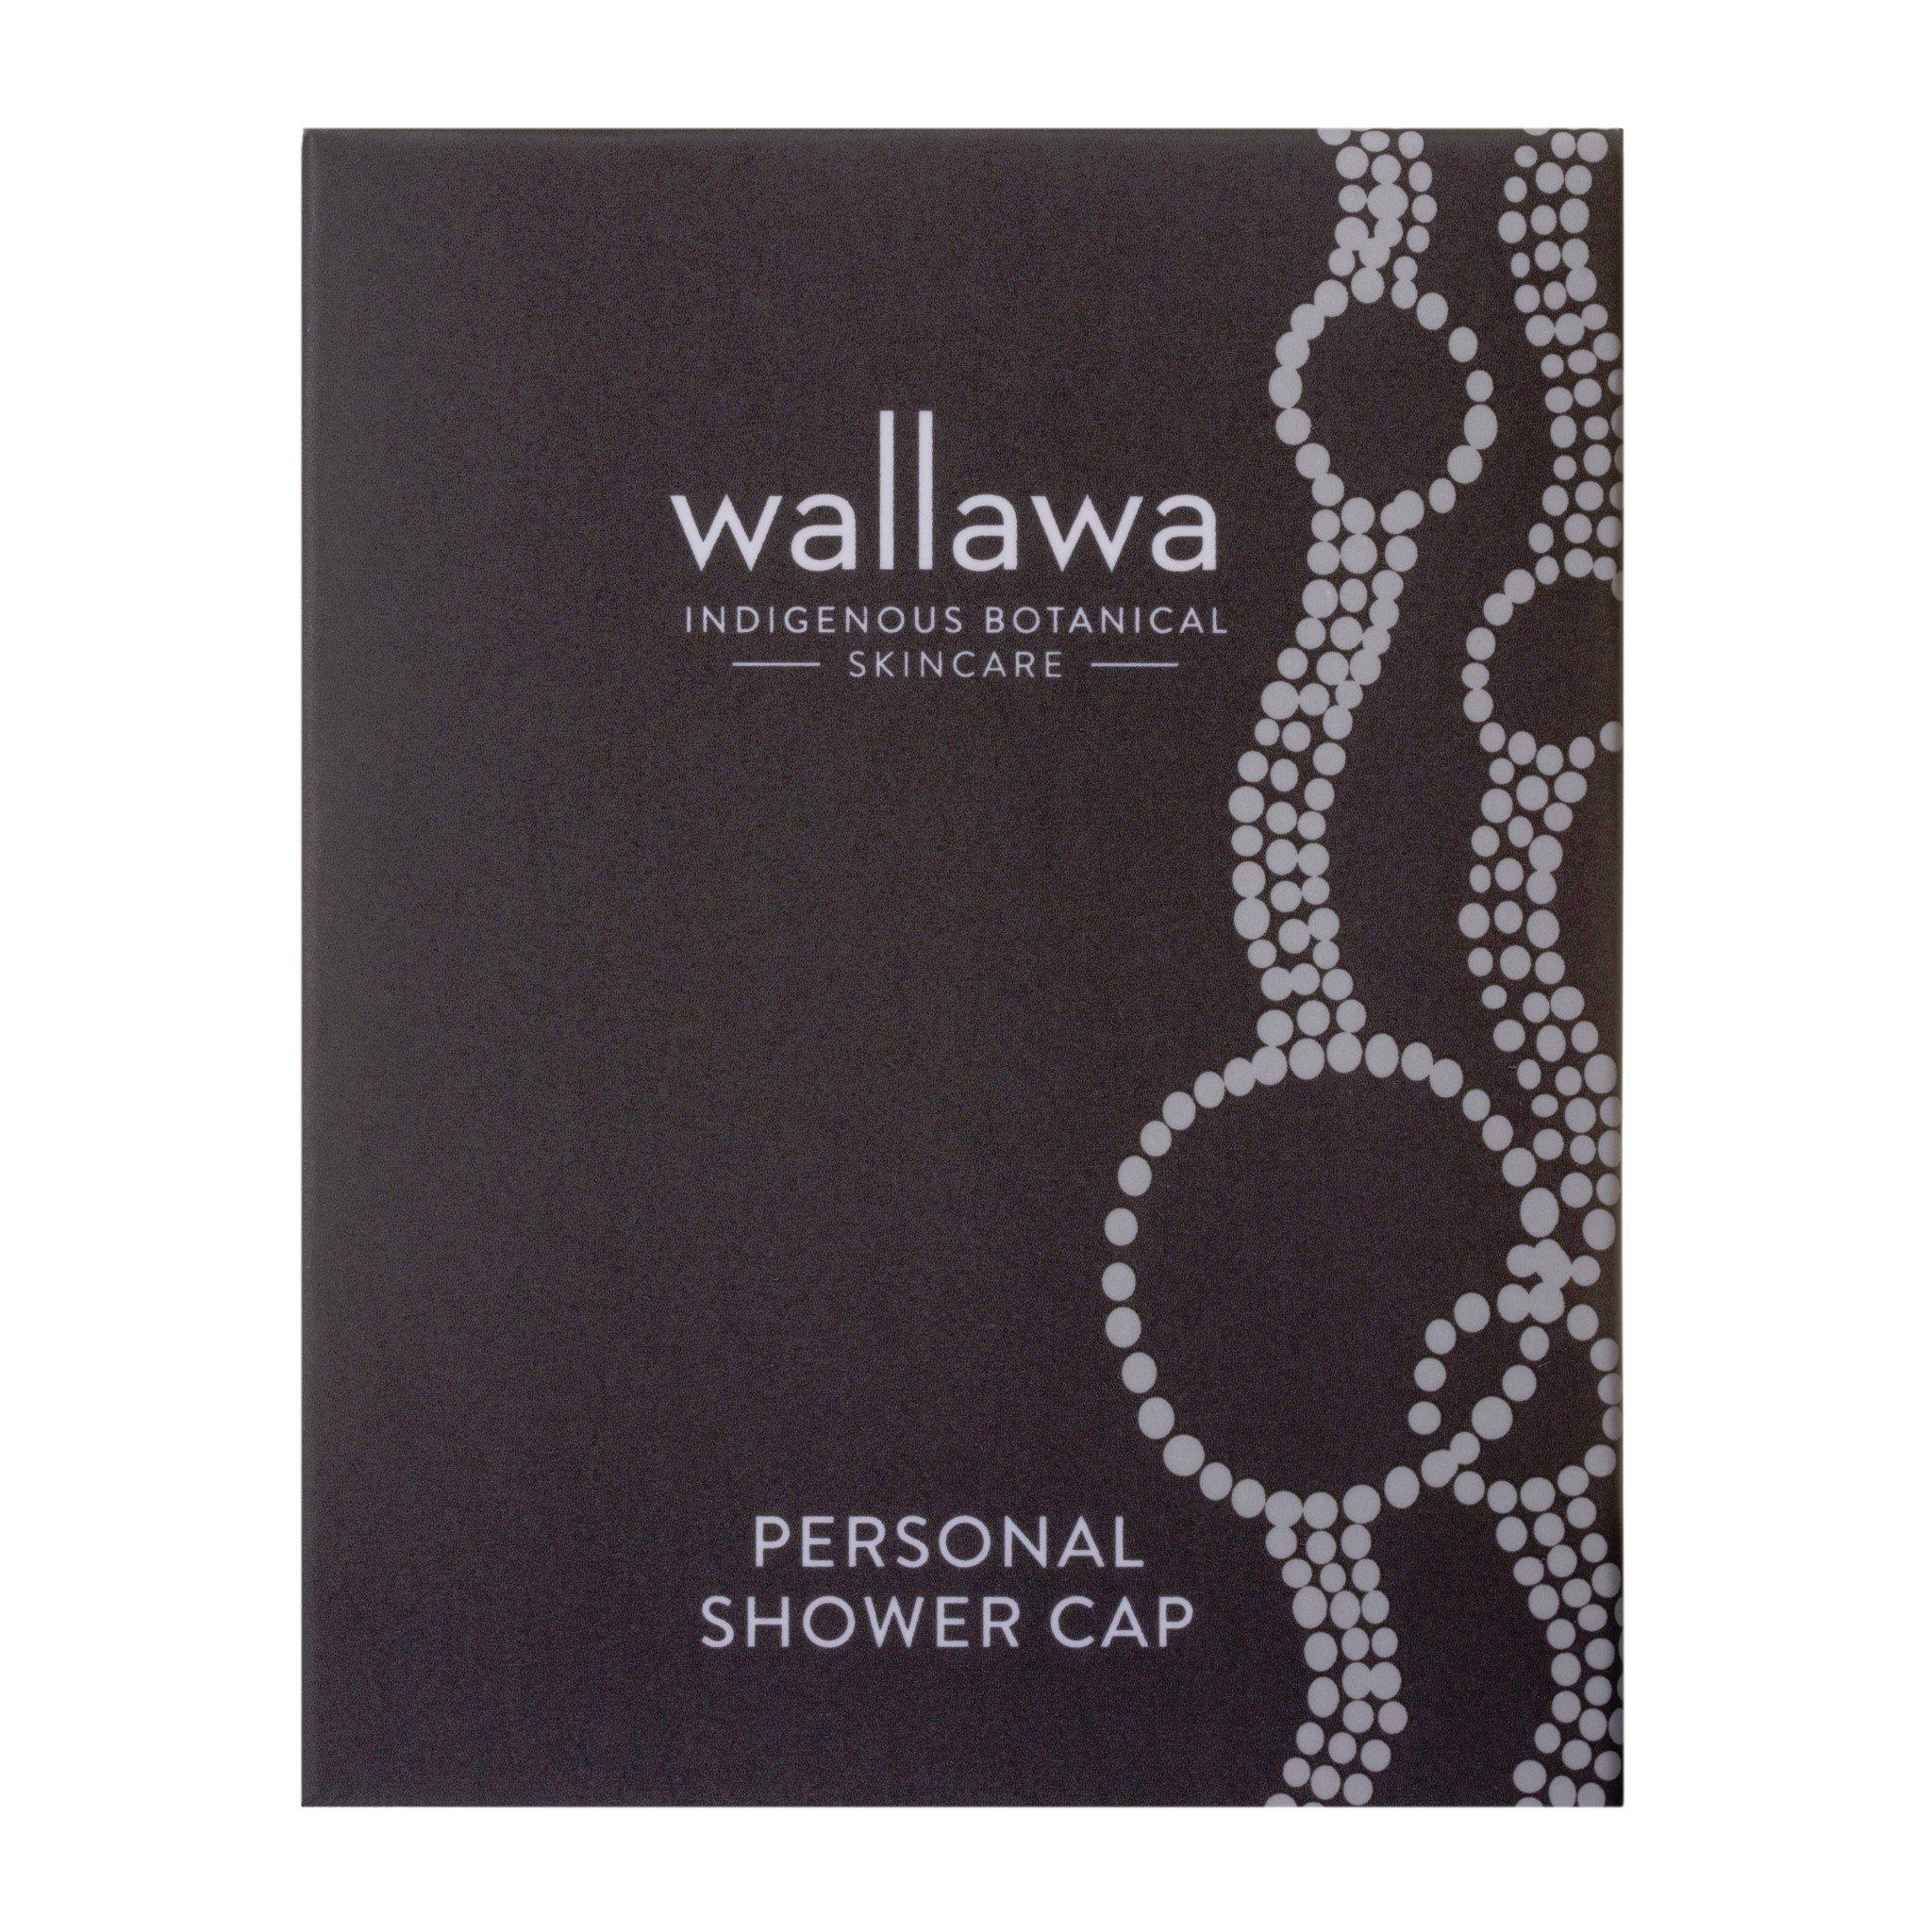 Wallawa Shower Cap (250 units)